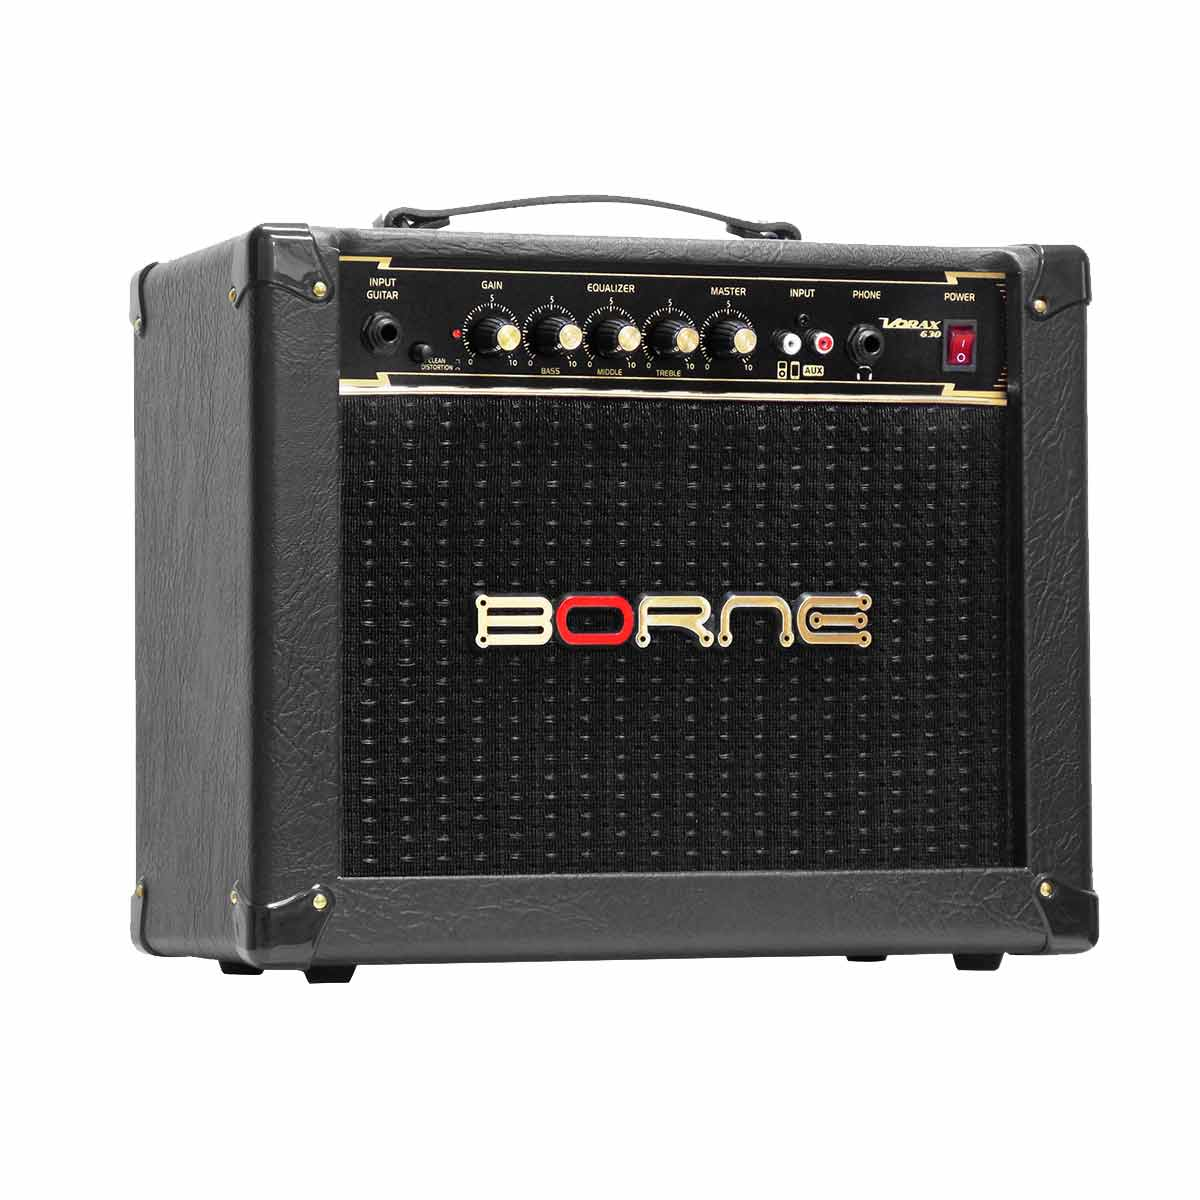 Vorax630 - Amplificador Combo p/ Guitarra 25W Vorax 630 Preto - Borne